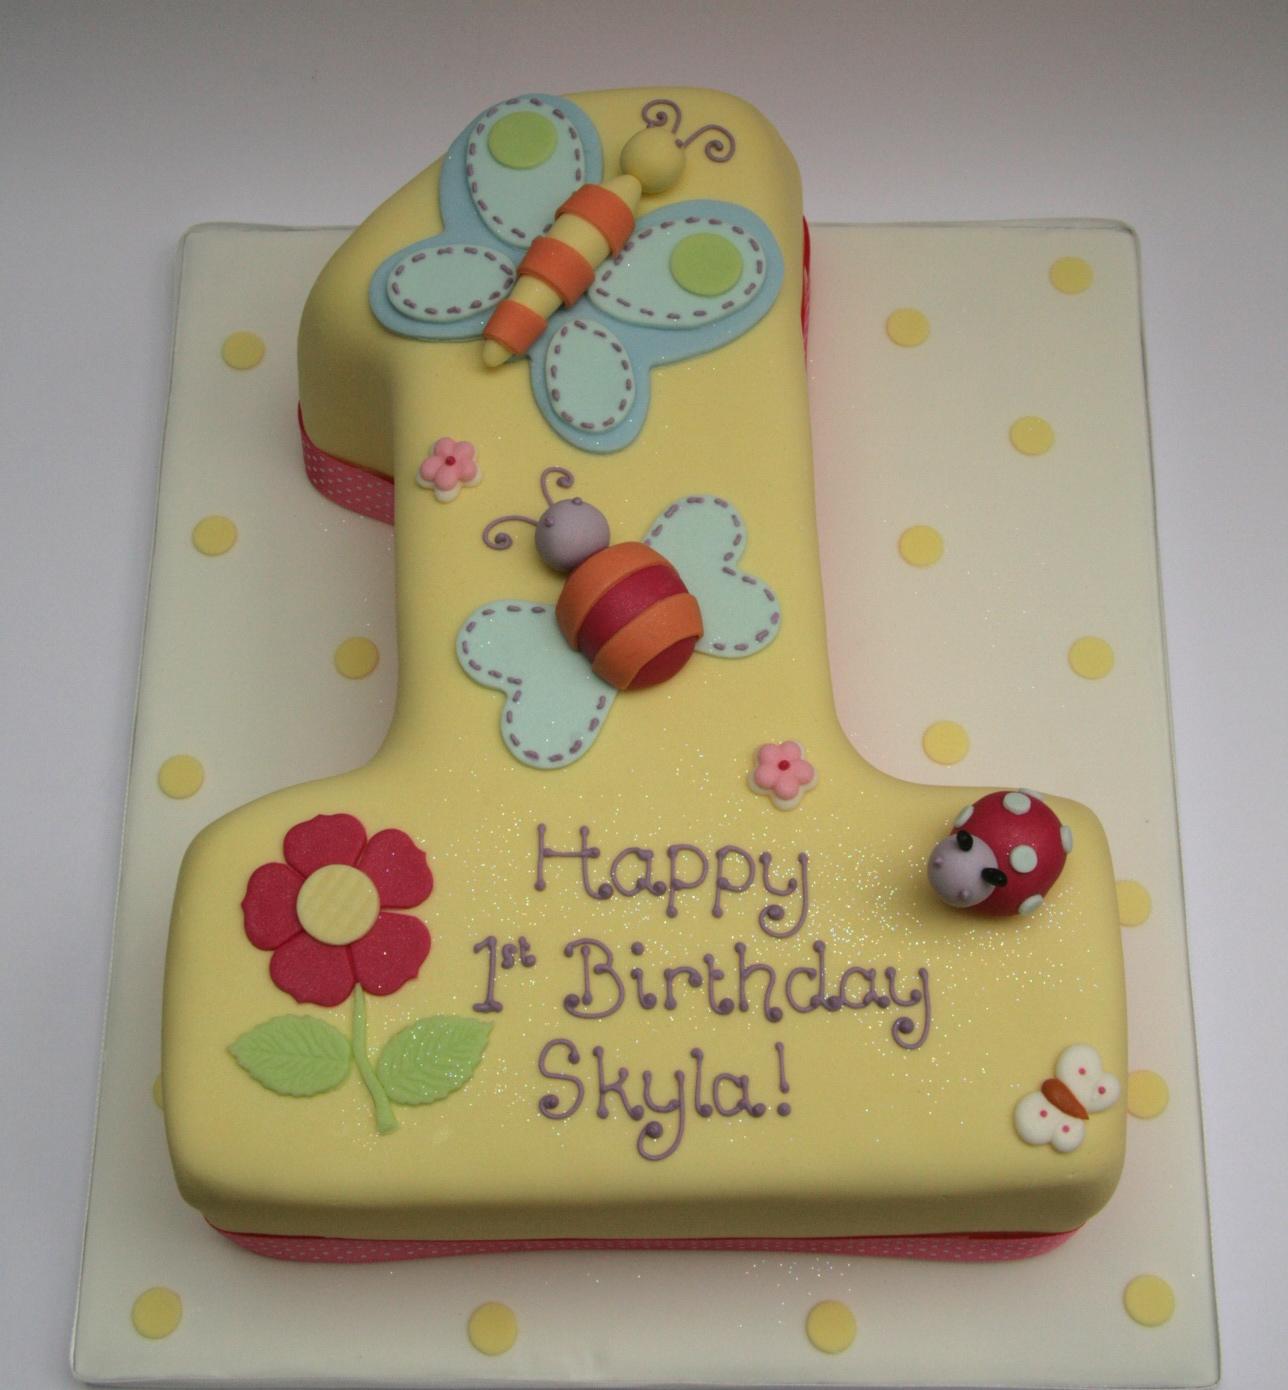 Number 1 Birthday Cake – Etoile Bakery